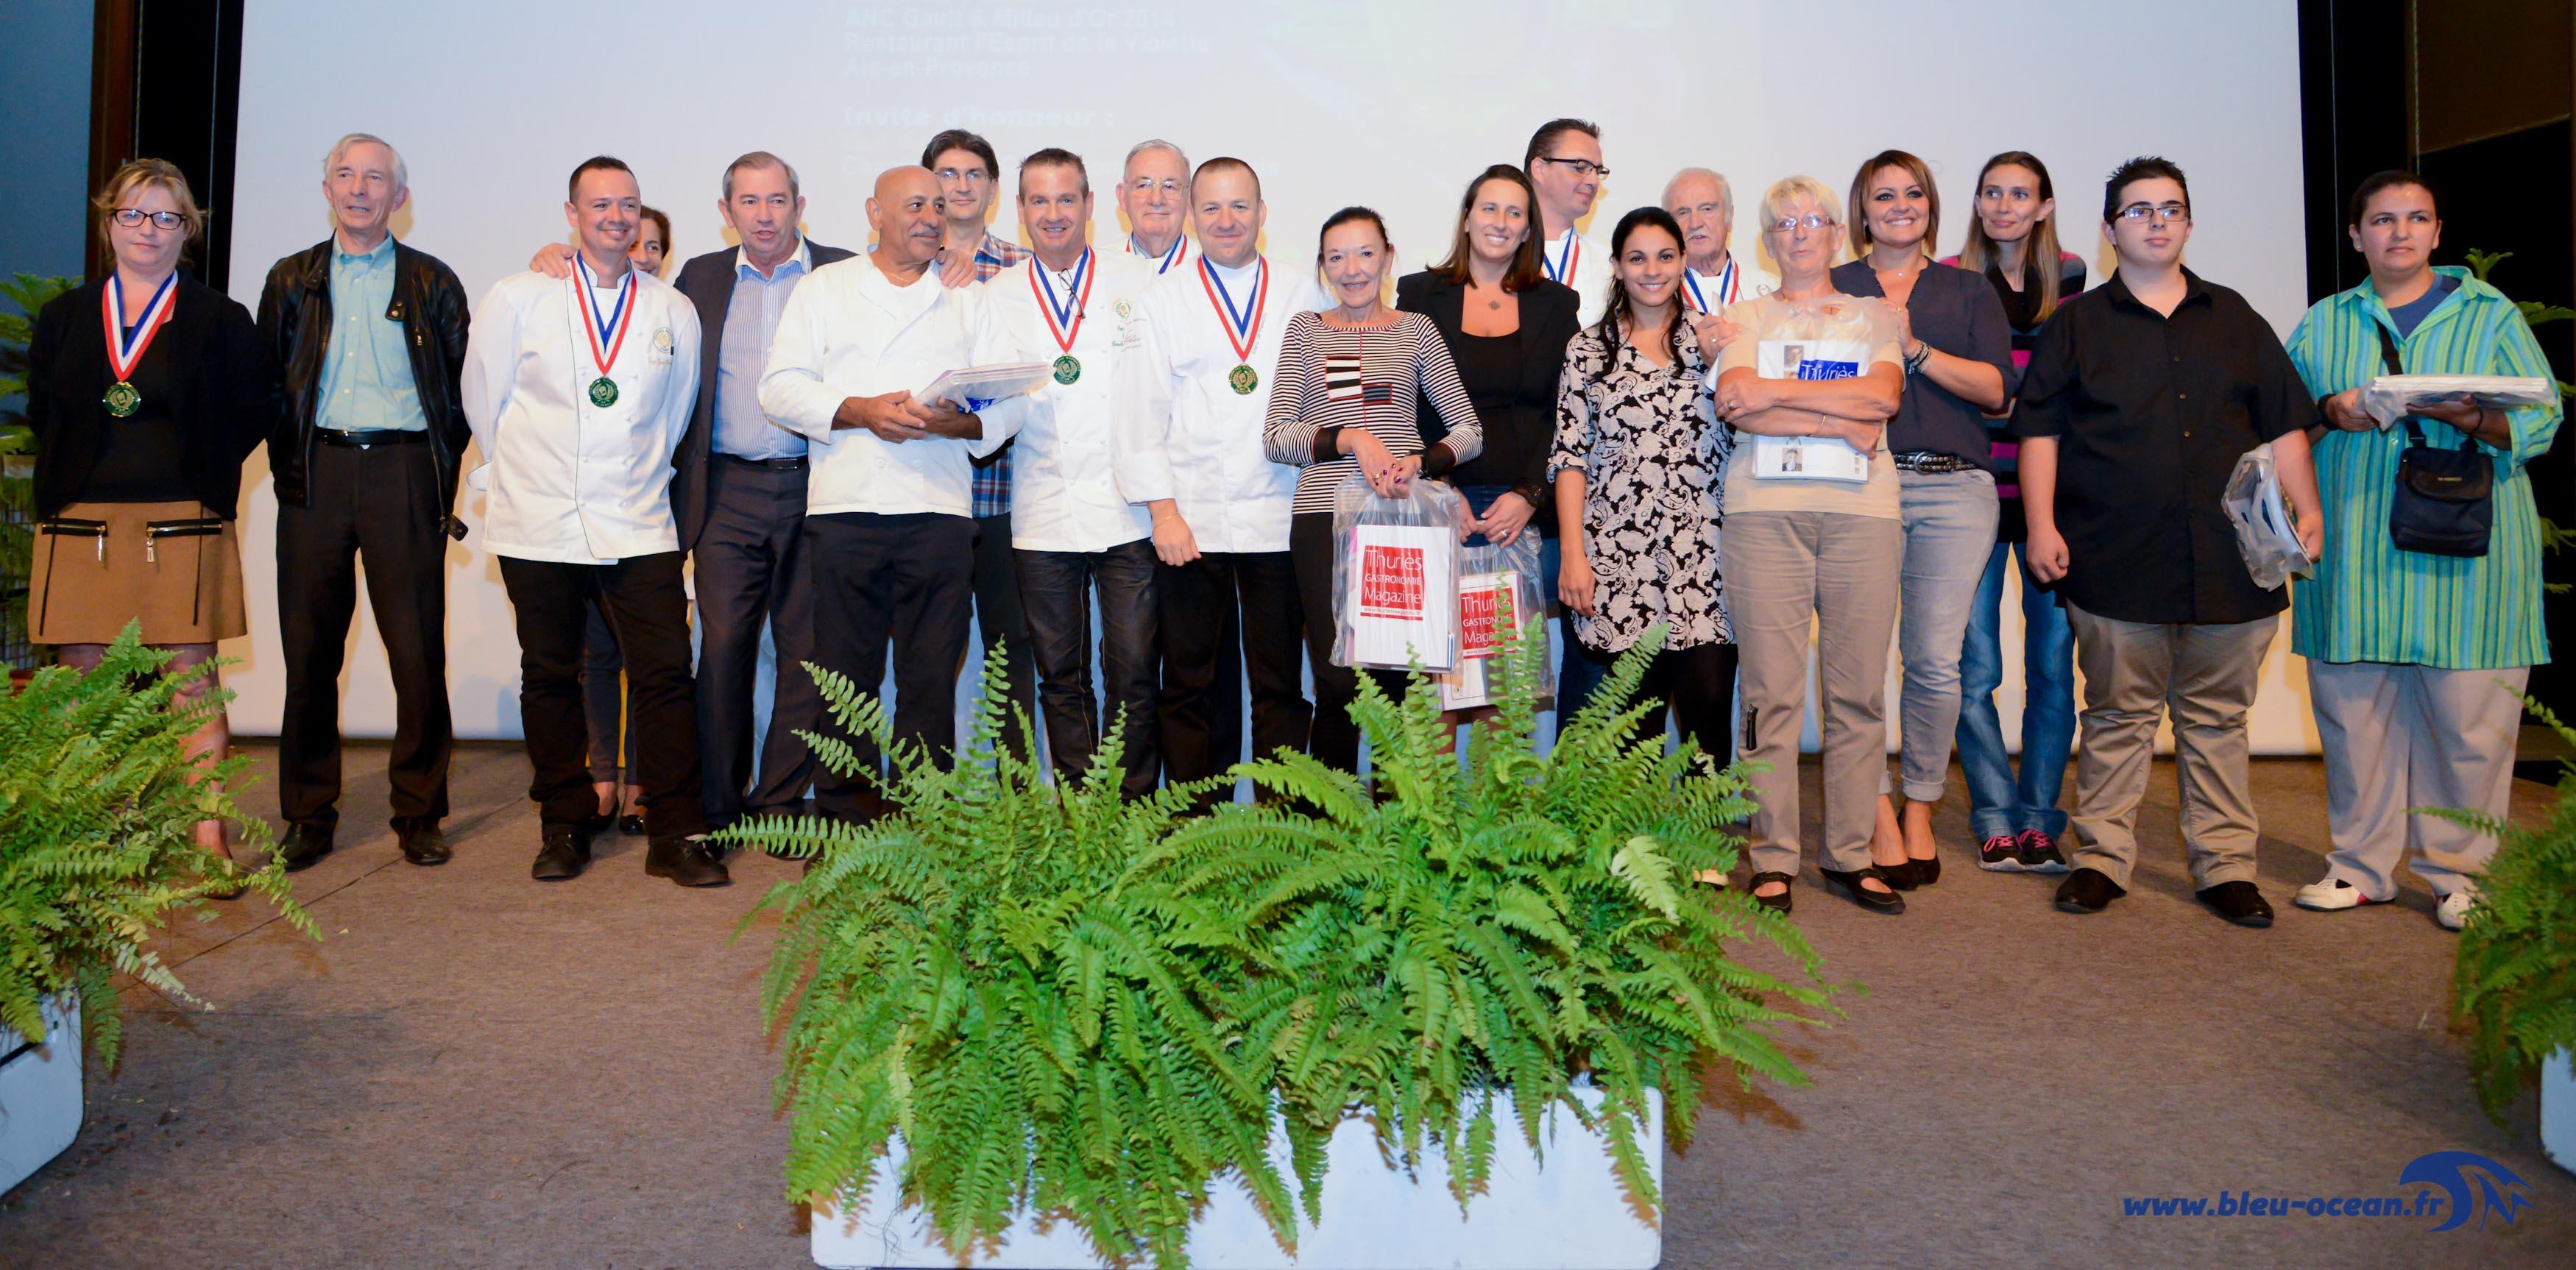 Le concours r gional amateur du dessert aura lieu le 12 - Concours cuisine amateur ...